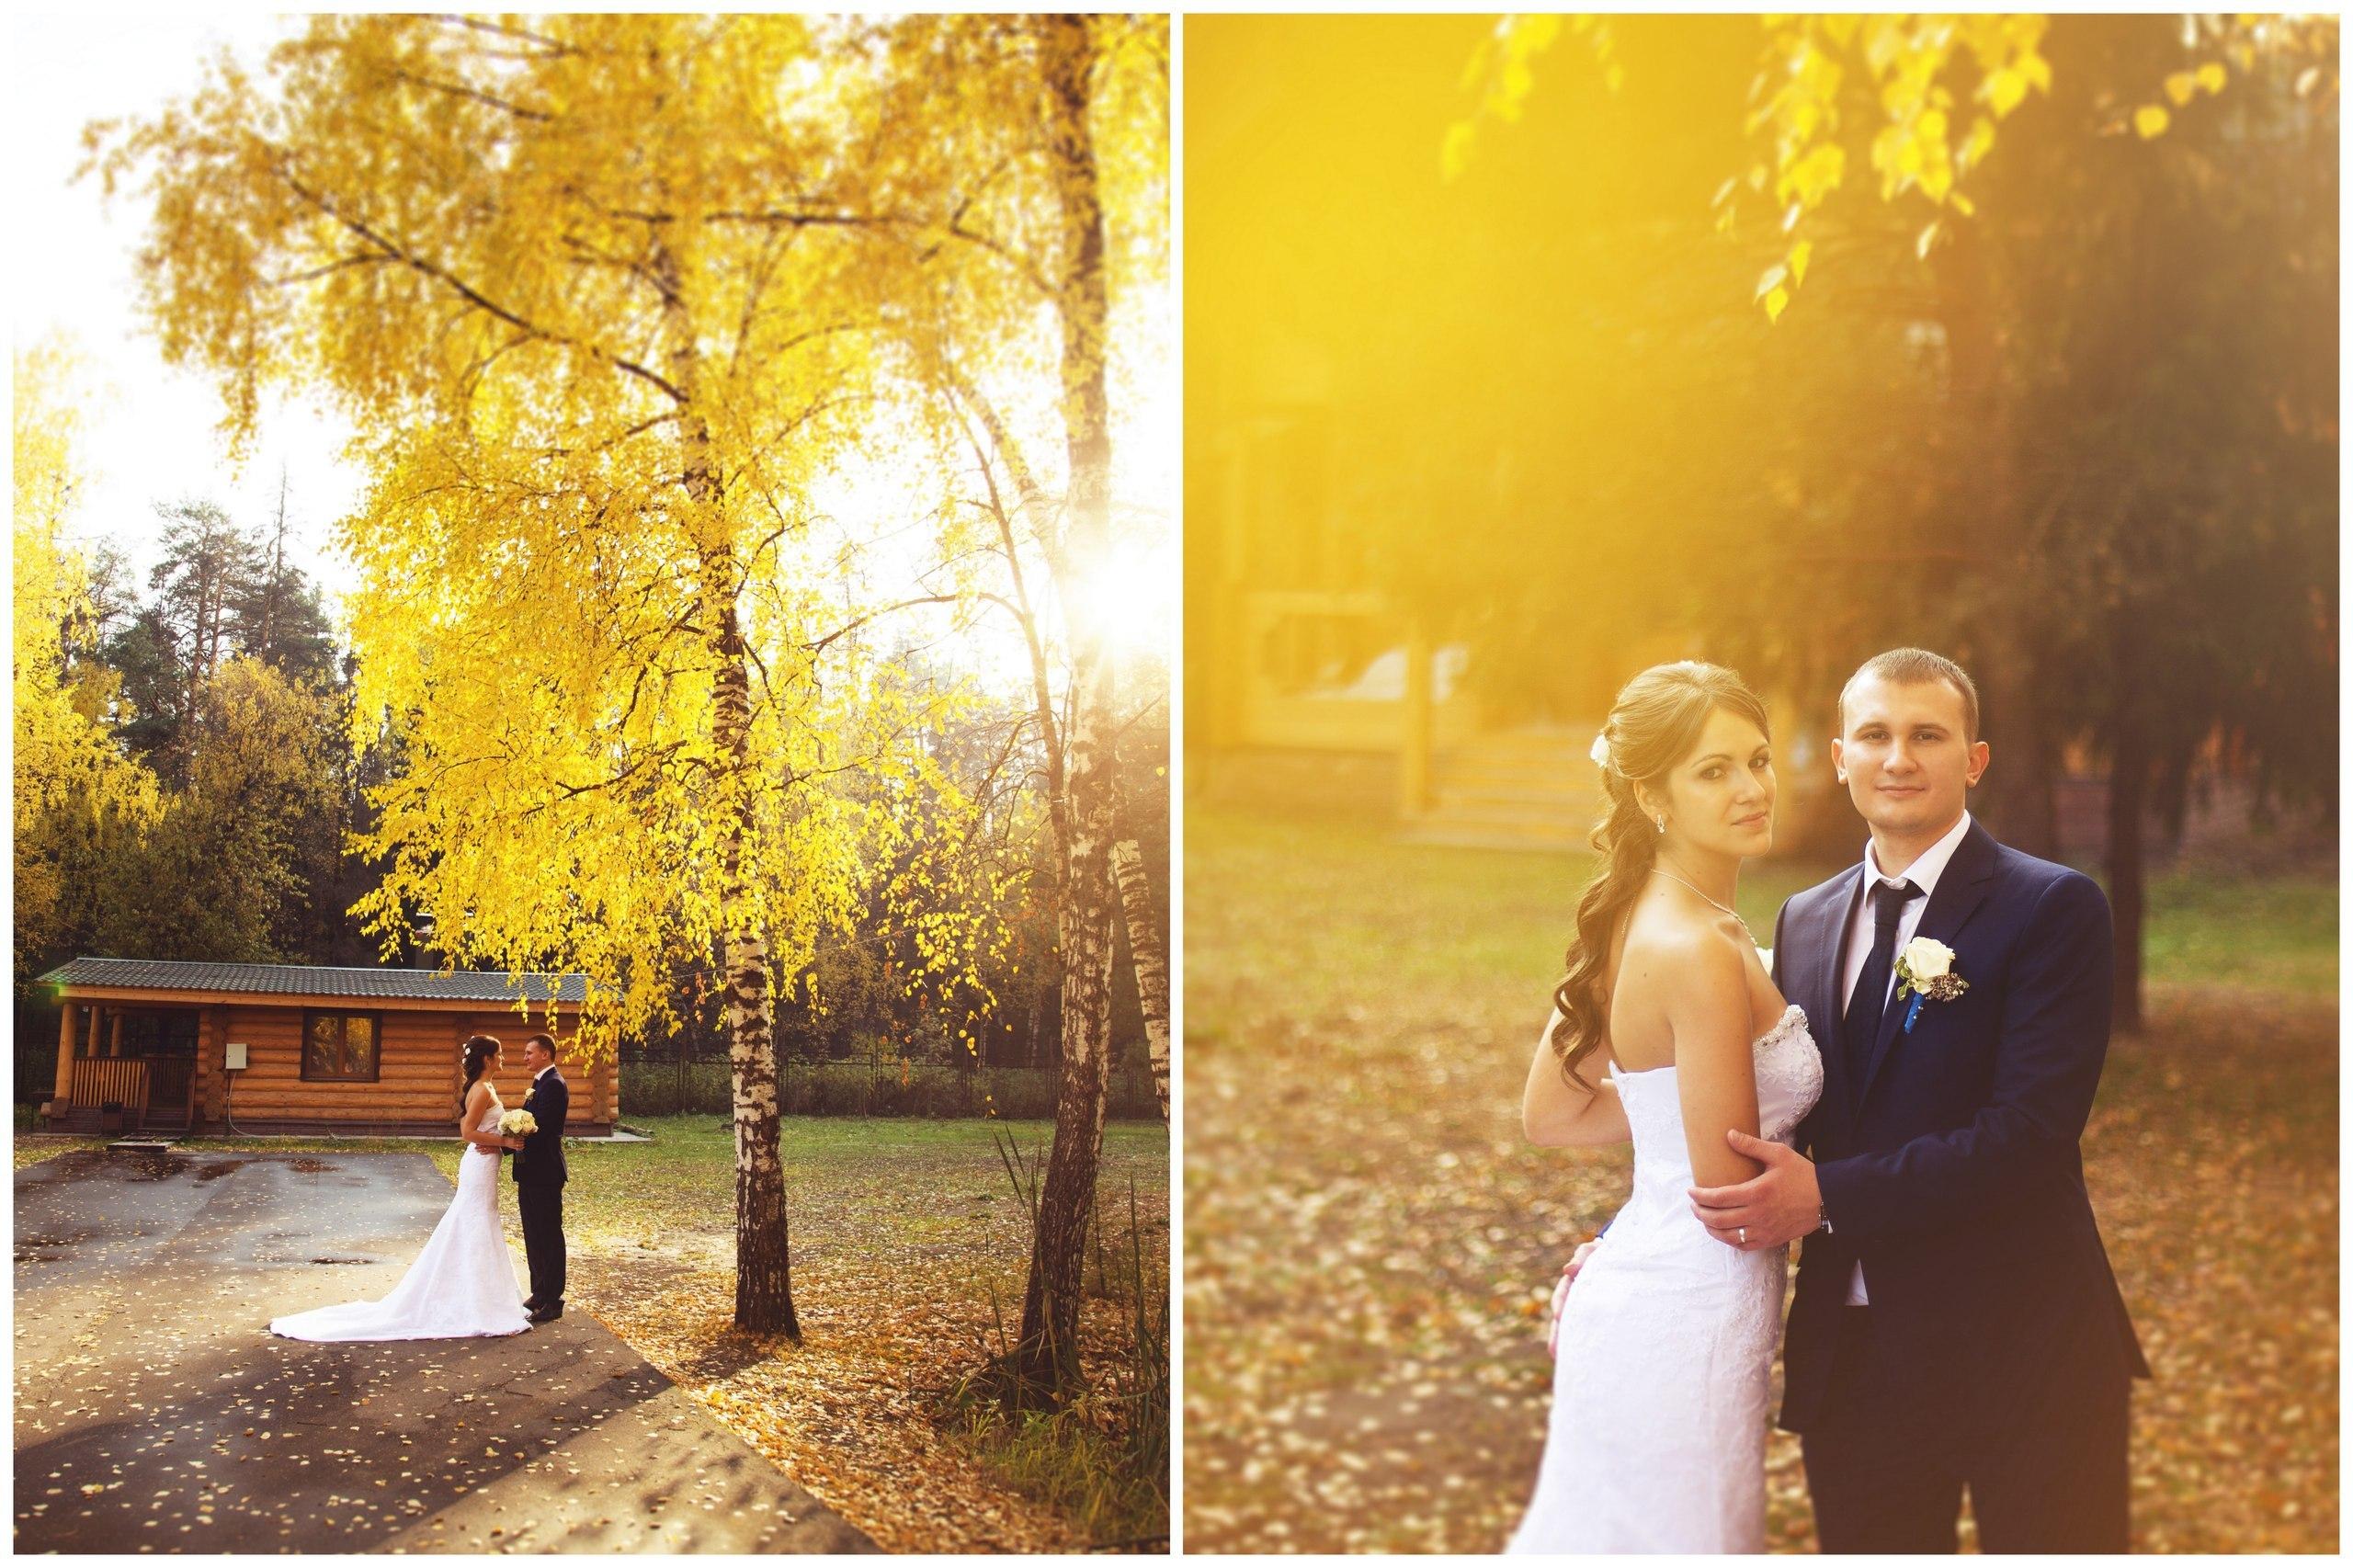 Свадьба осенью октябрь фото